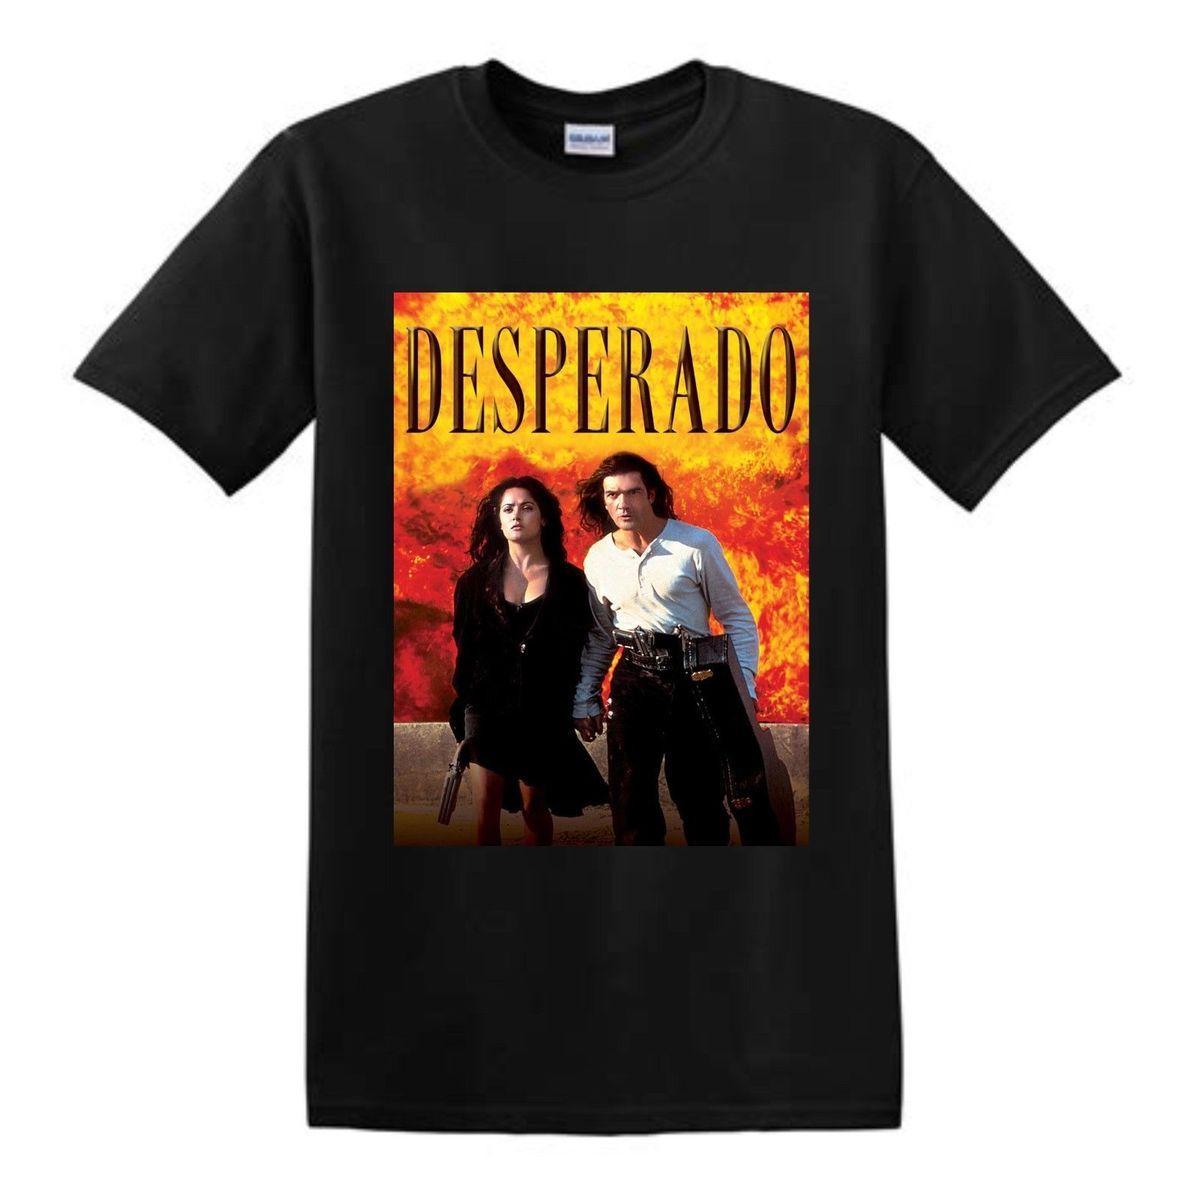 Acheter Desperado Movie T Shirt, Stars De Cinéma Hollywoodiennes, Livraison  Gratuite De  11.01 Du Qz3195649603   Dhgate.Com 64726fc43ee6